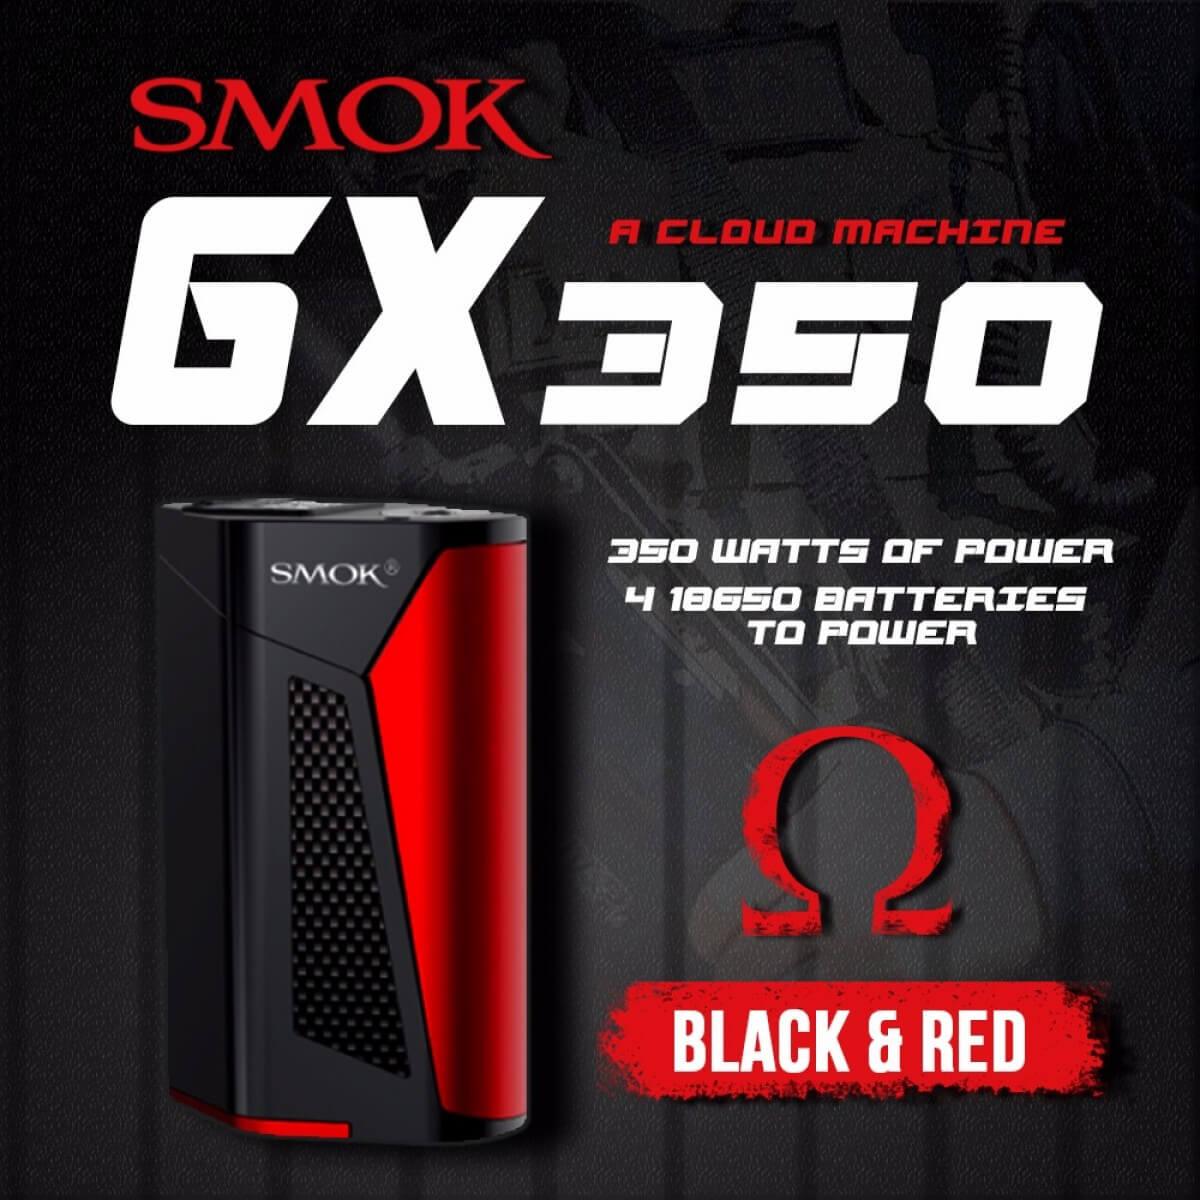 SMOK <br />GX 350 mod